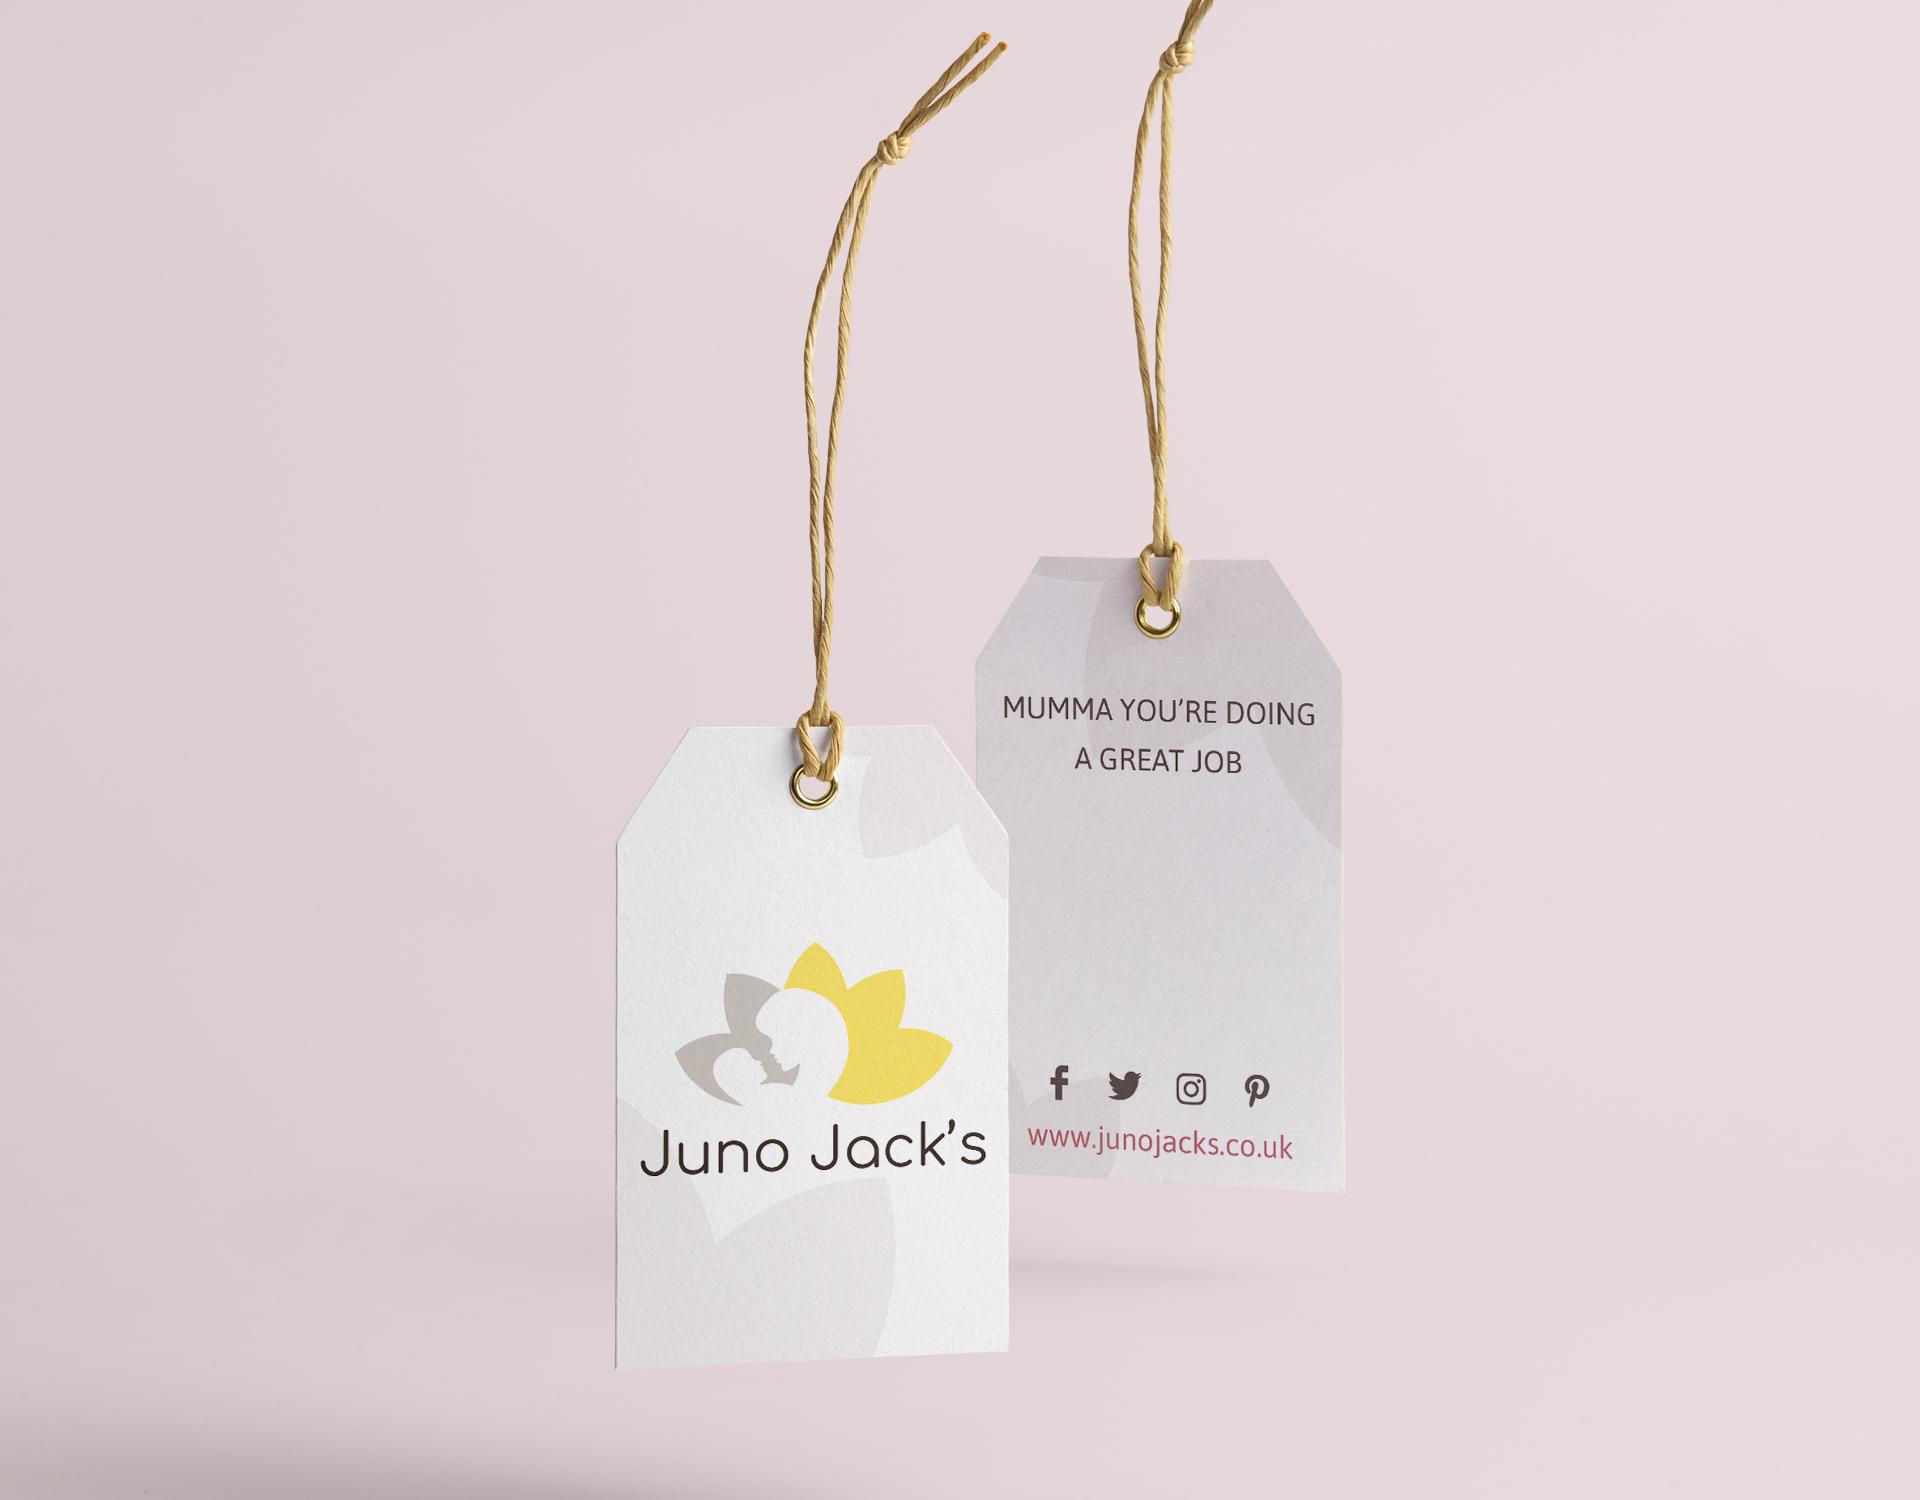 Juno Jacks tags